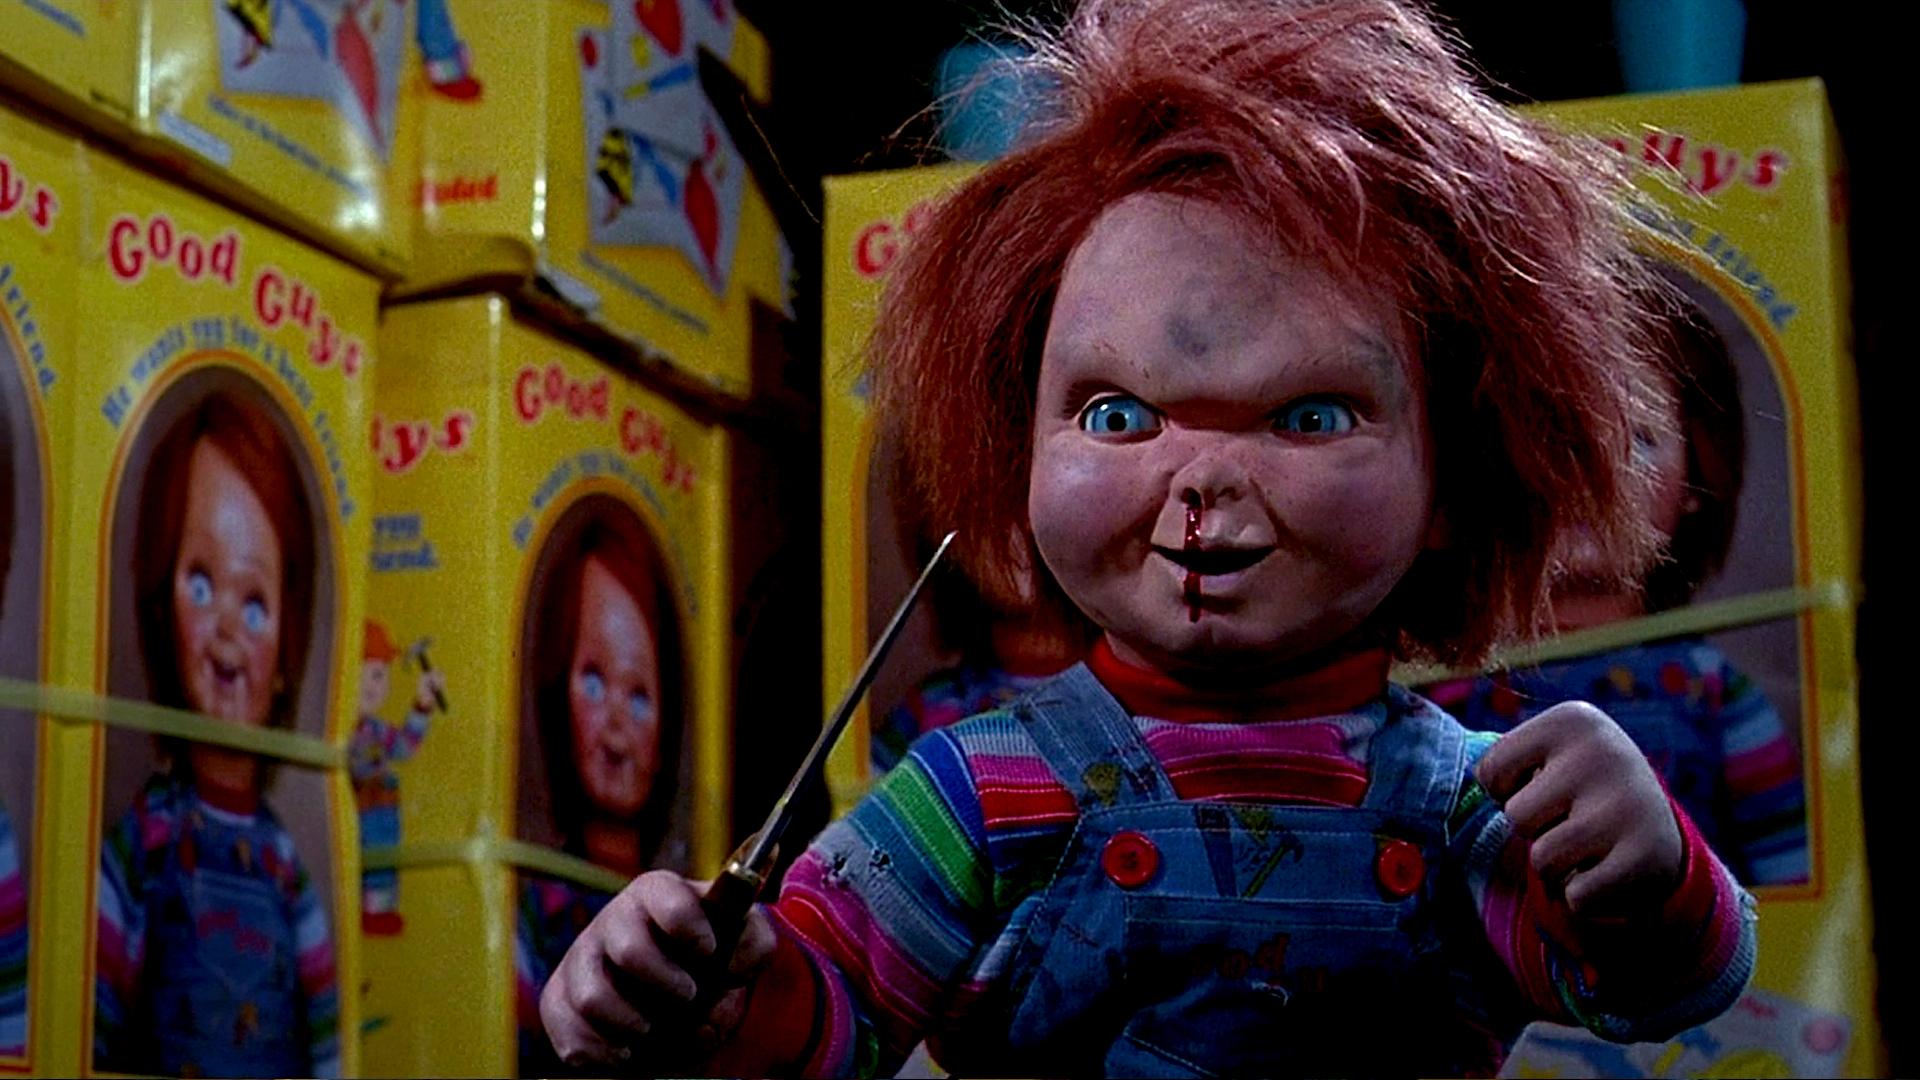 Jack Boneco Assassino Awesome 594 – brinquedo assassino 2 (1990) – 101 horror movies